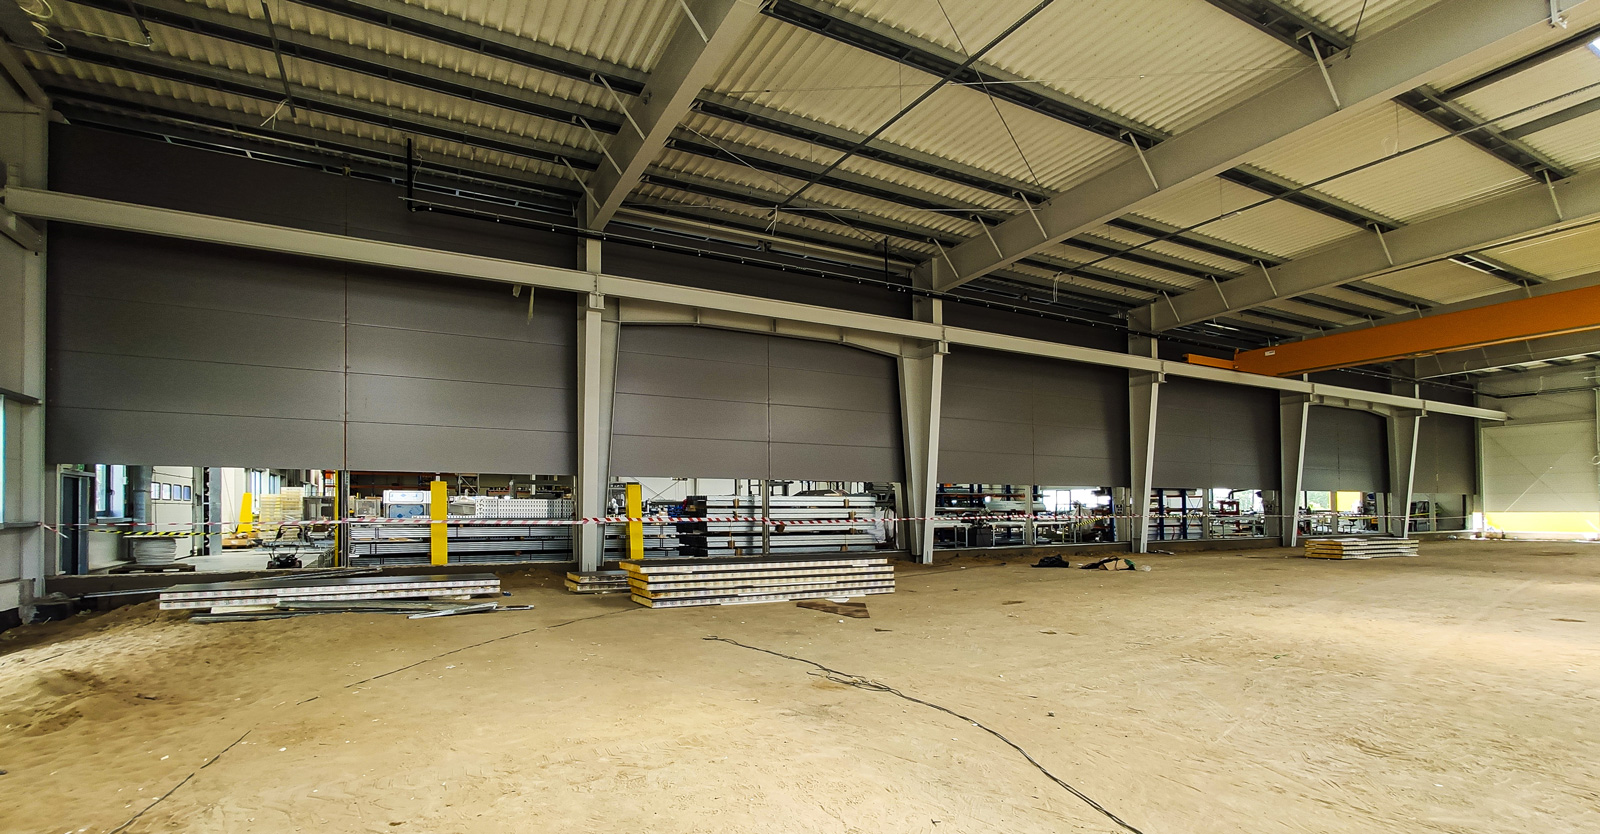 część produkcyjna hali w budowie widziana od środka - hala produkcyjno-magazynowa, rozbudowa pierwszej inwestycji, dla Viscon, do powierzchni 8.500 m2, w Płaszewku, w woj. pomorskim